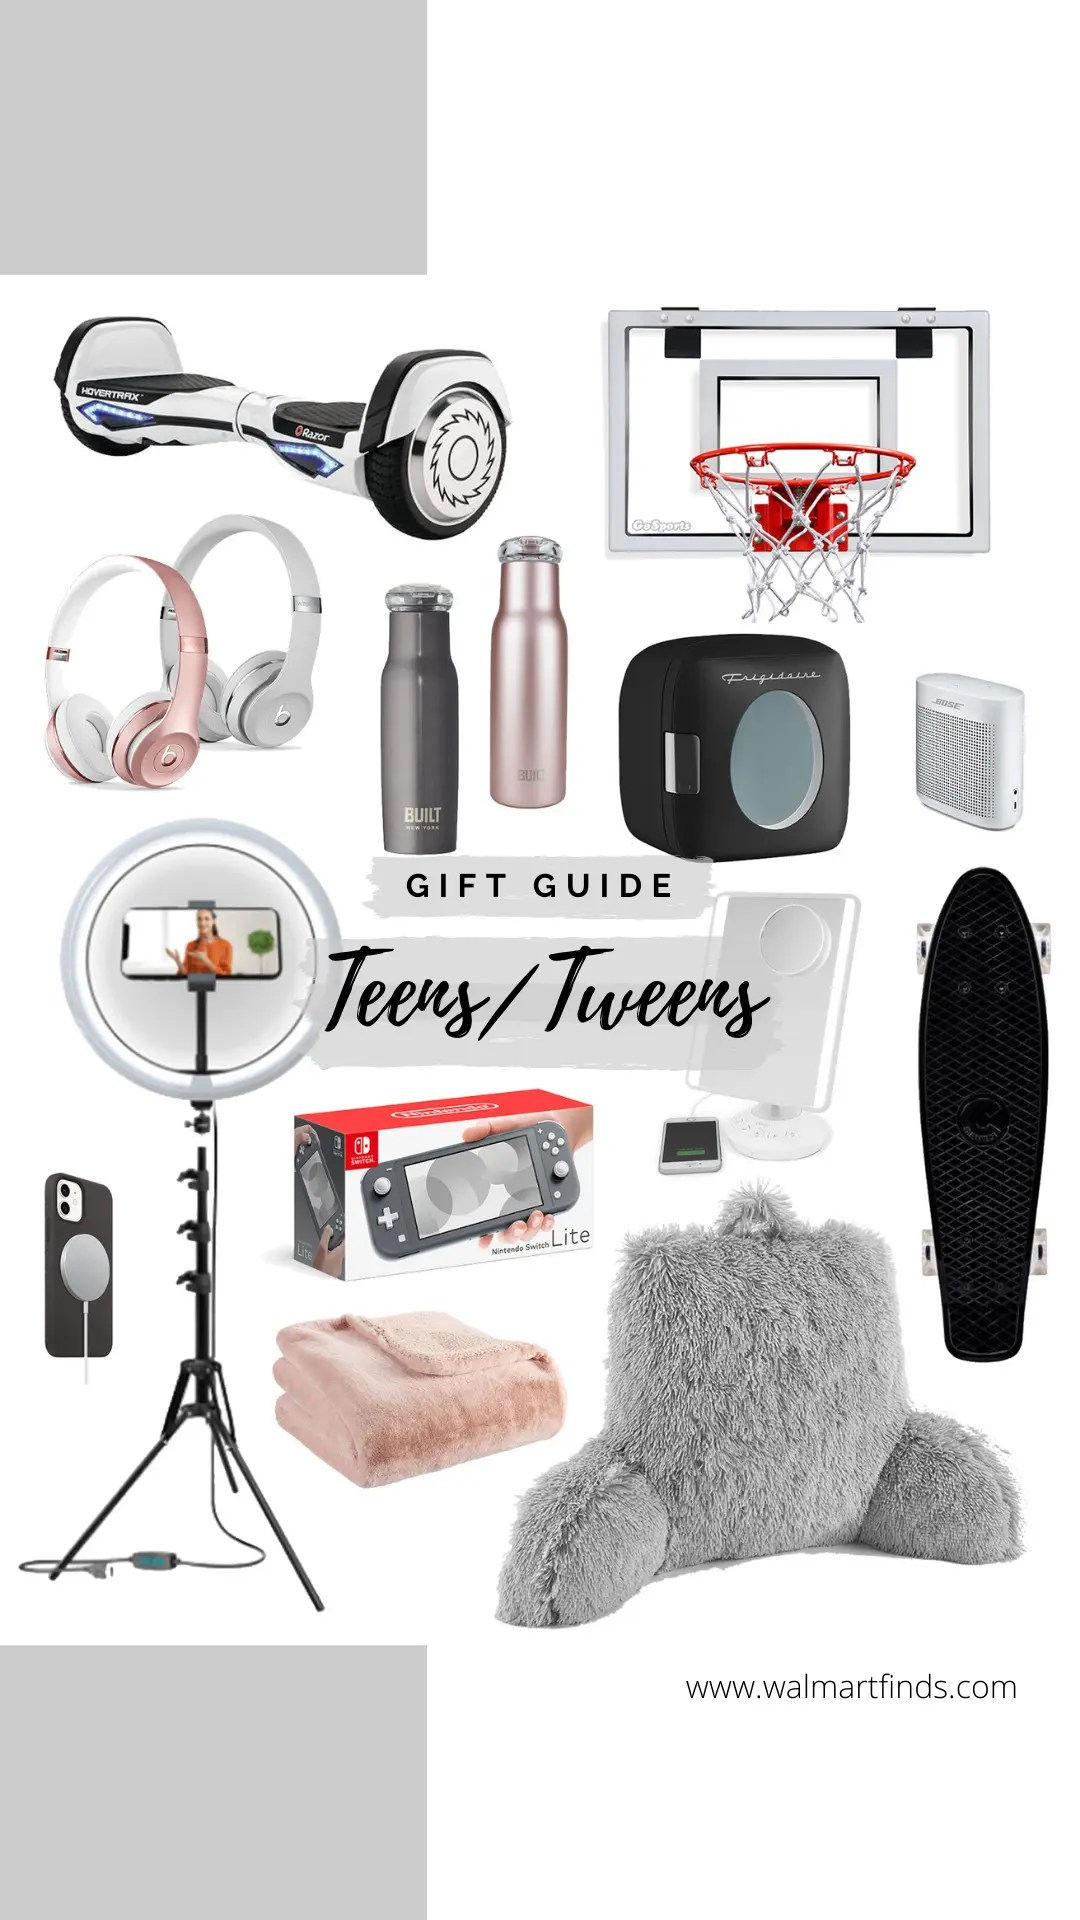 Gift Guide - Teens / Tweens